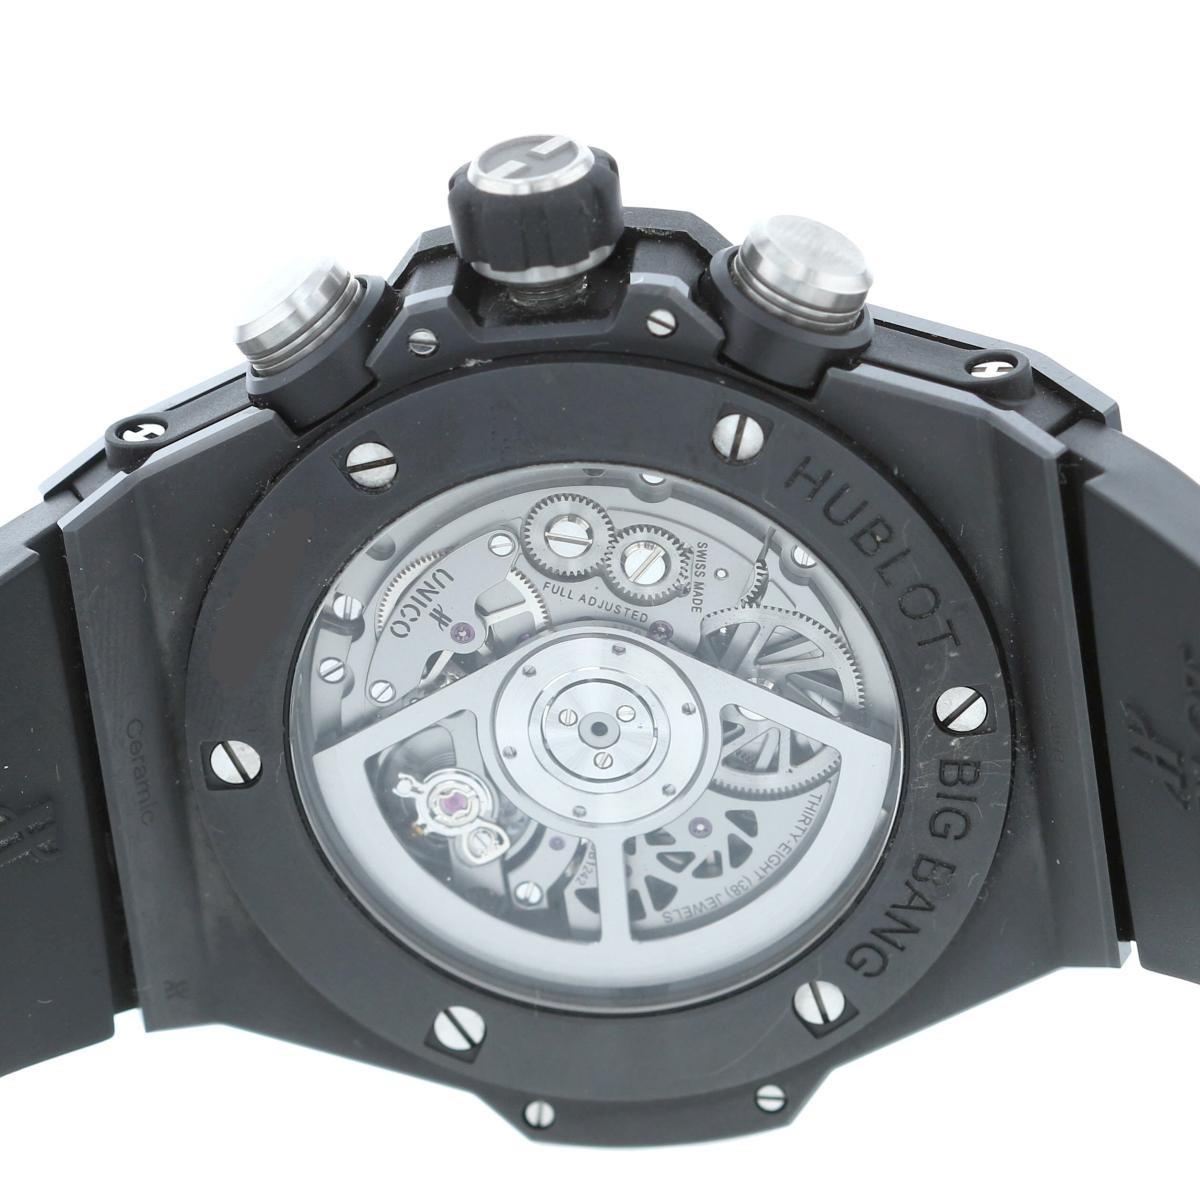 【即日発送・水曜定休日・木曜発送】【美品】【RI】 HUBLOT (ウブロ) ビッグバン ウニコ ブラックマジック 時計 自動巻き/メンズ BIG BANG UNICO BLACK MAGIC Silver/シルバー 411.CI.1170.RX used:A